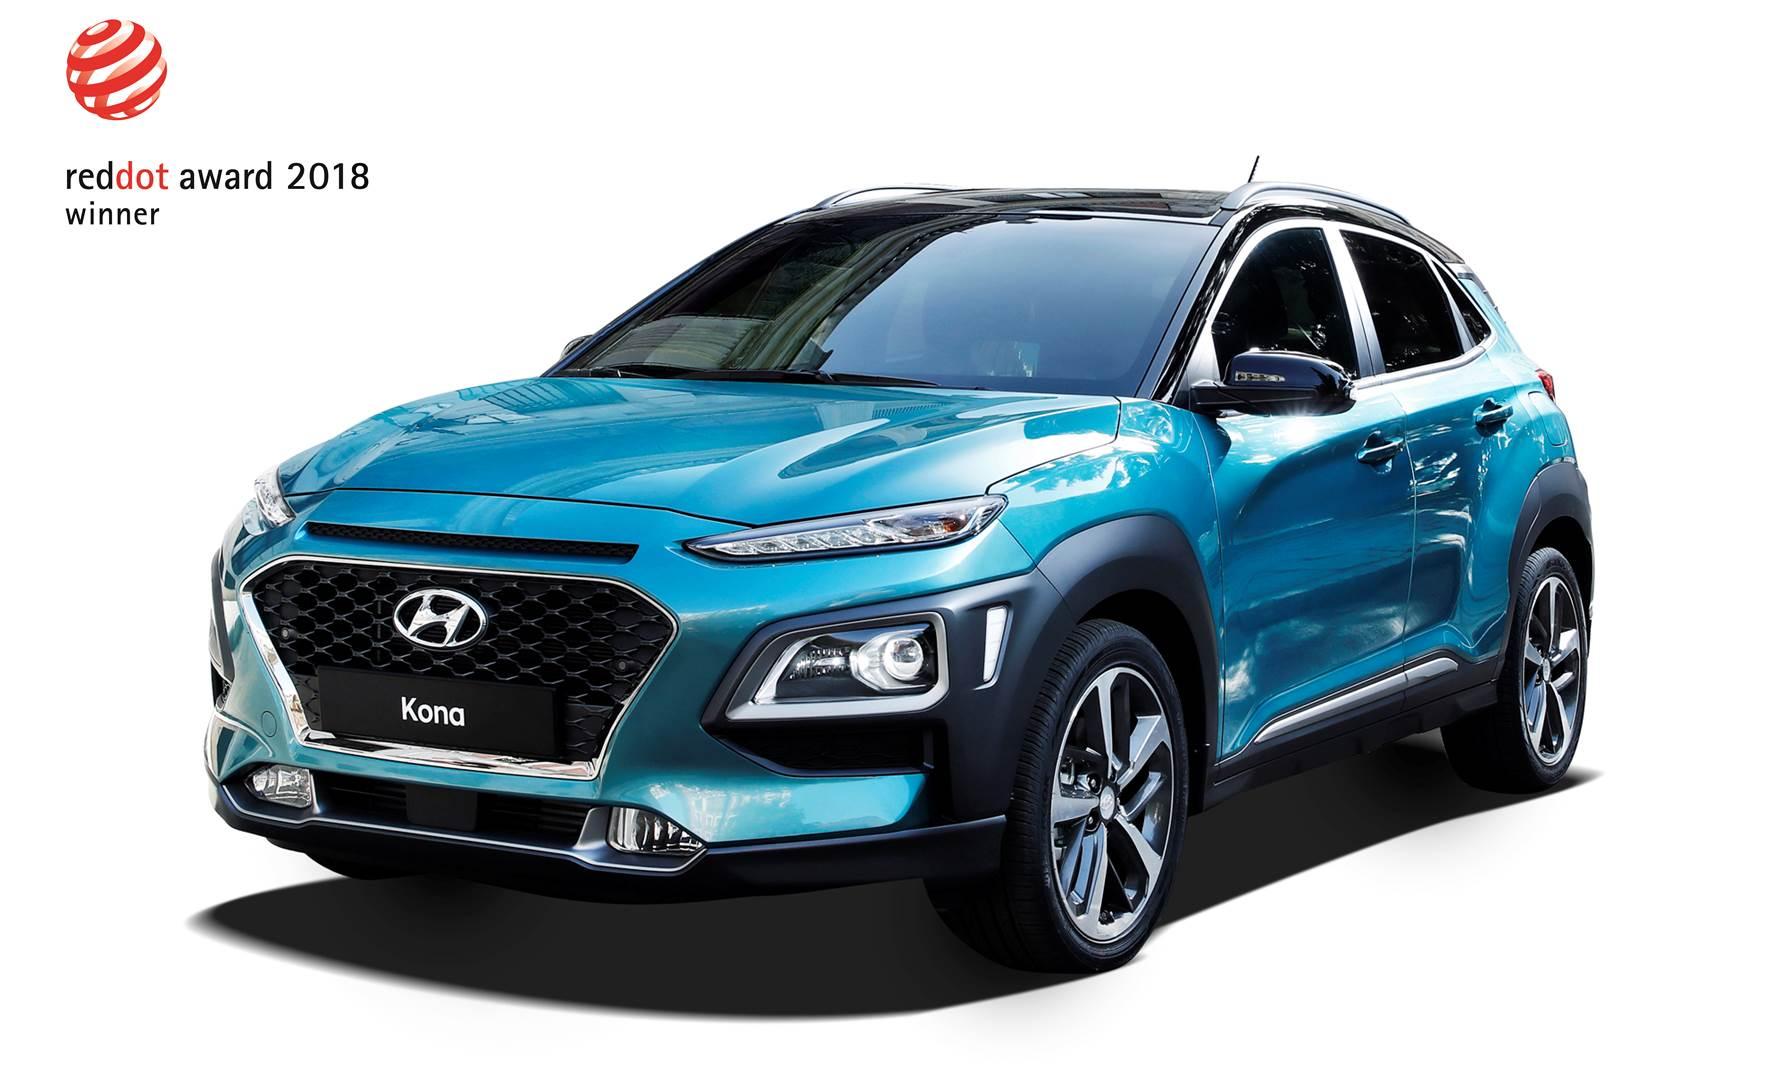 Hyundai Kona Red Dot Design Award